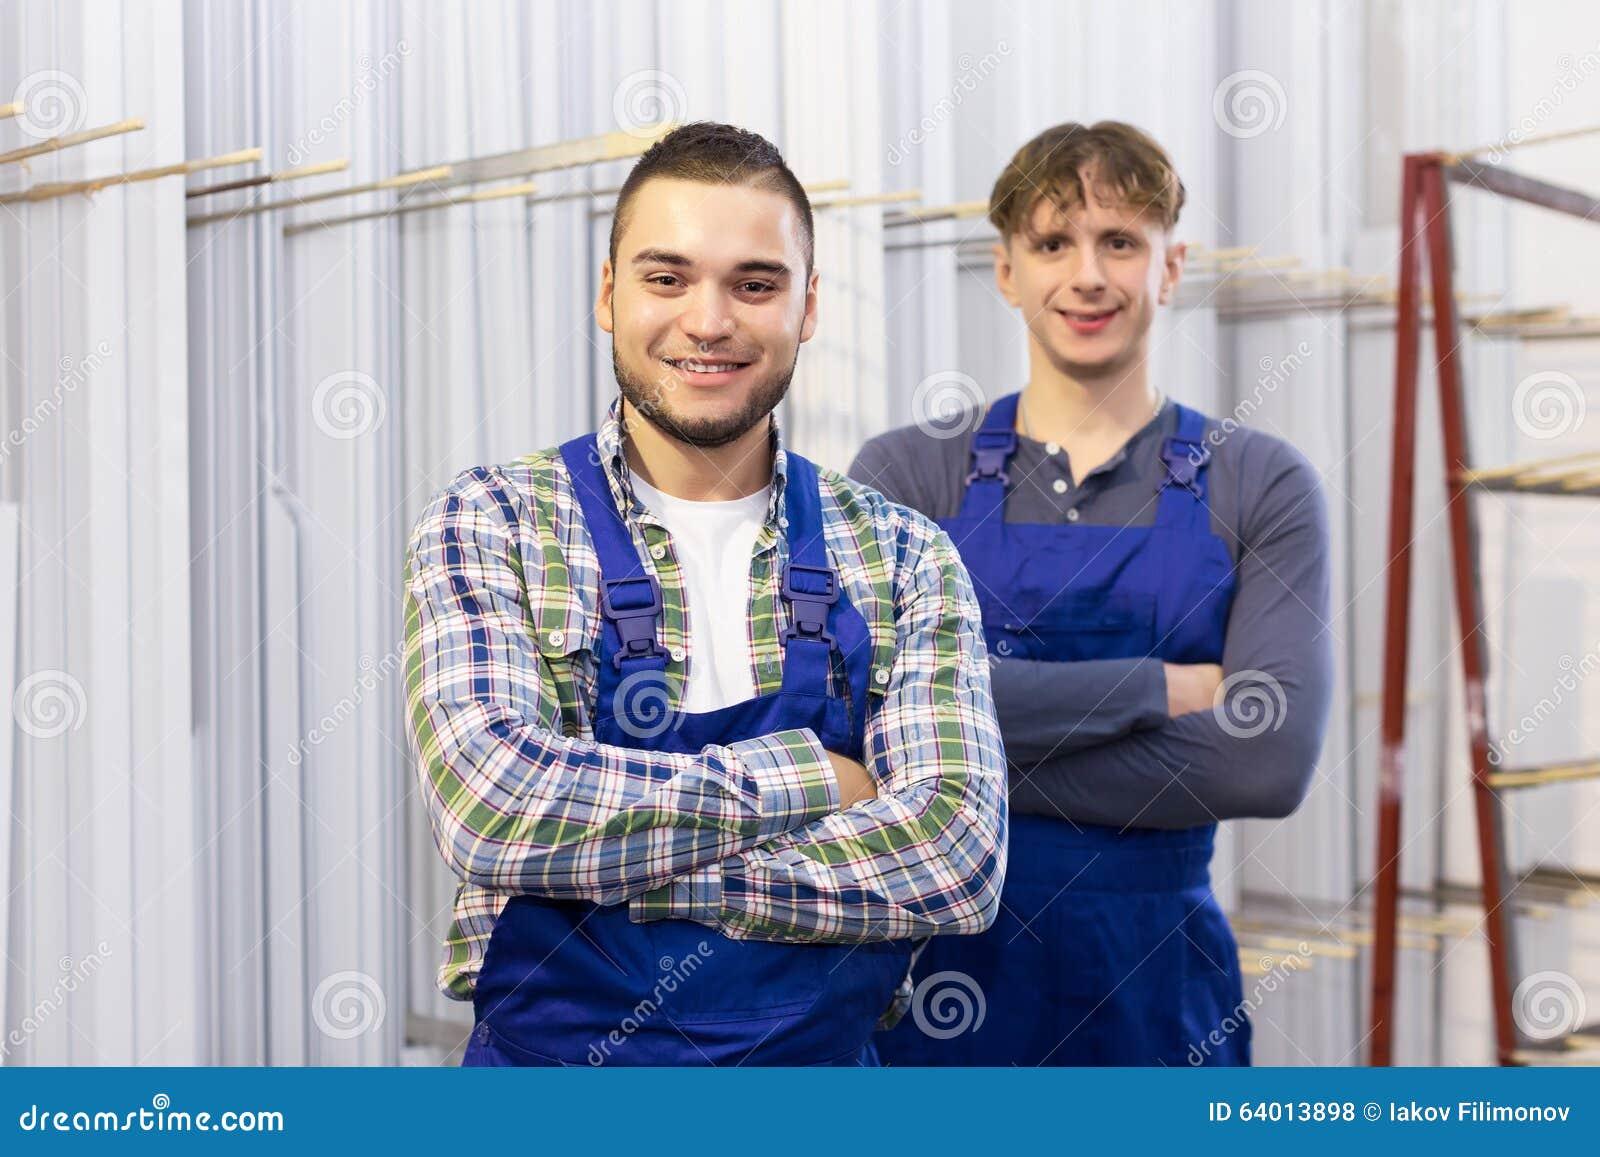 Glückliche Arbeiter Nähern Sich PVC-Fensterrahmen Stockfoto - Bild ...